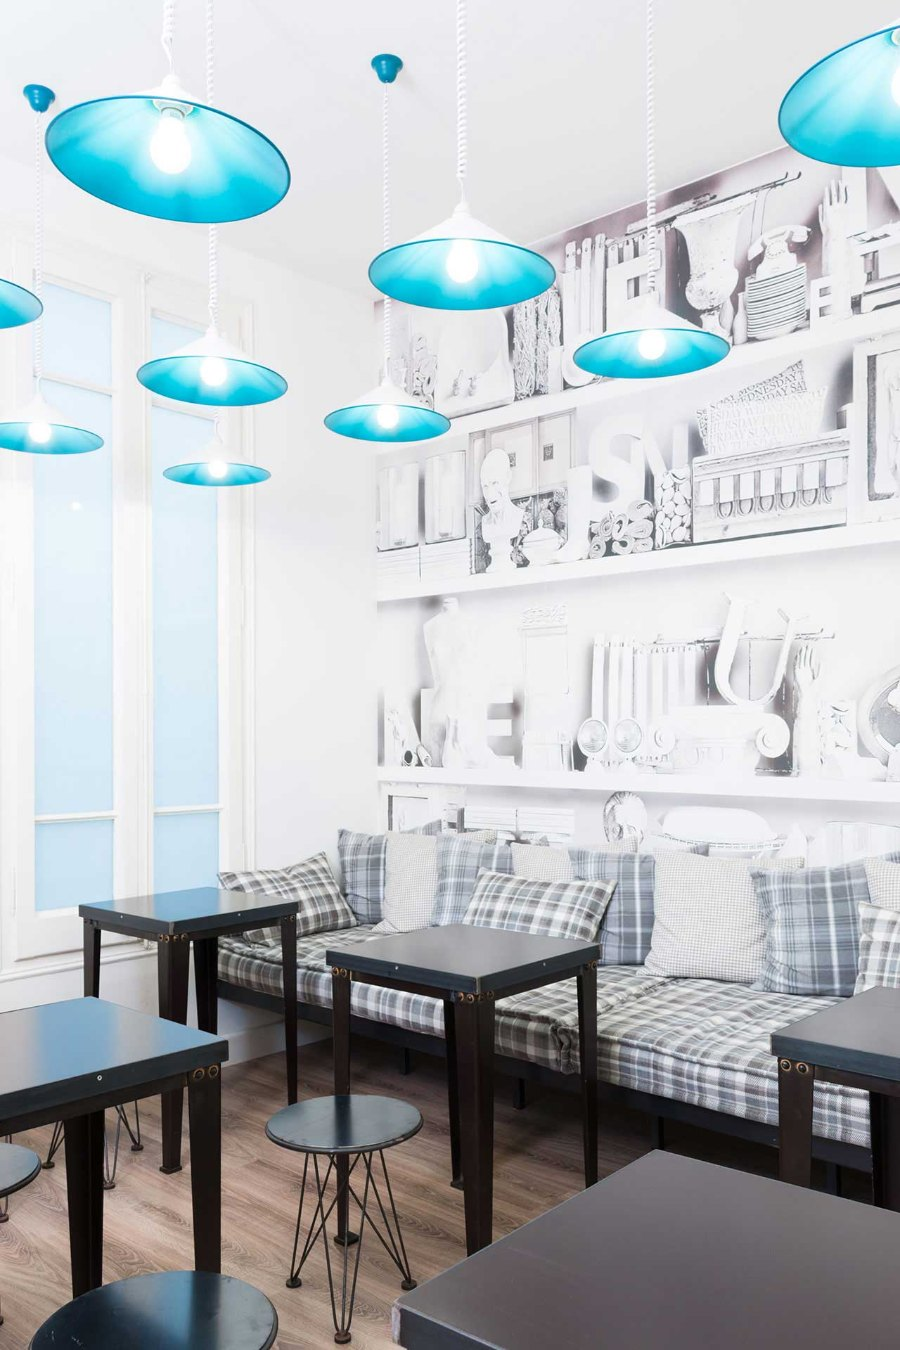 Eva Martinez - Eclectic Interior Design eva martinez Eva Martinez – Eclectic Interior Design Eva Martinez Eclectic Interior Design 10